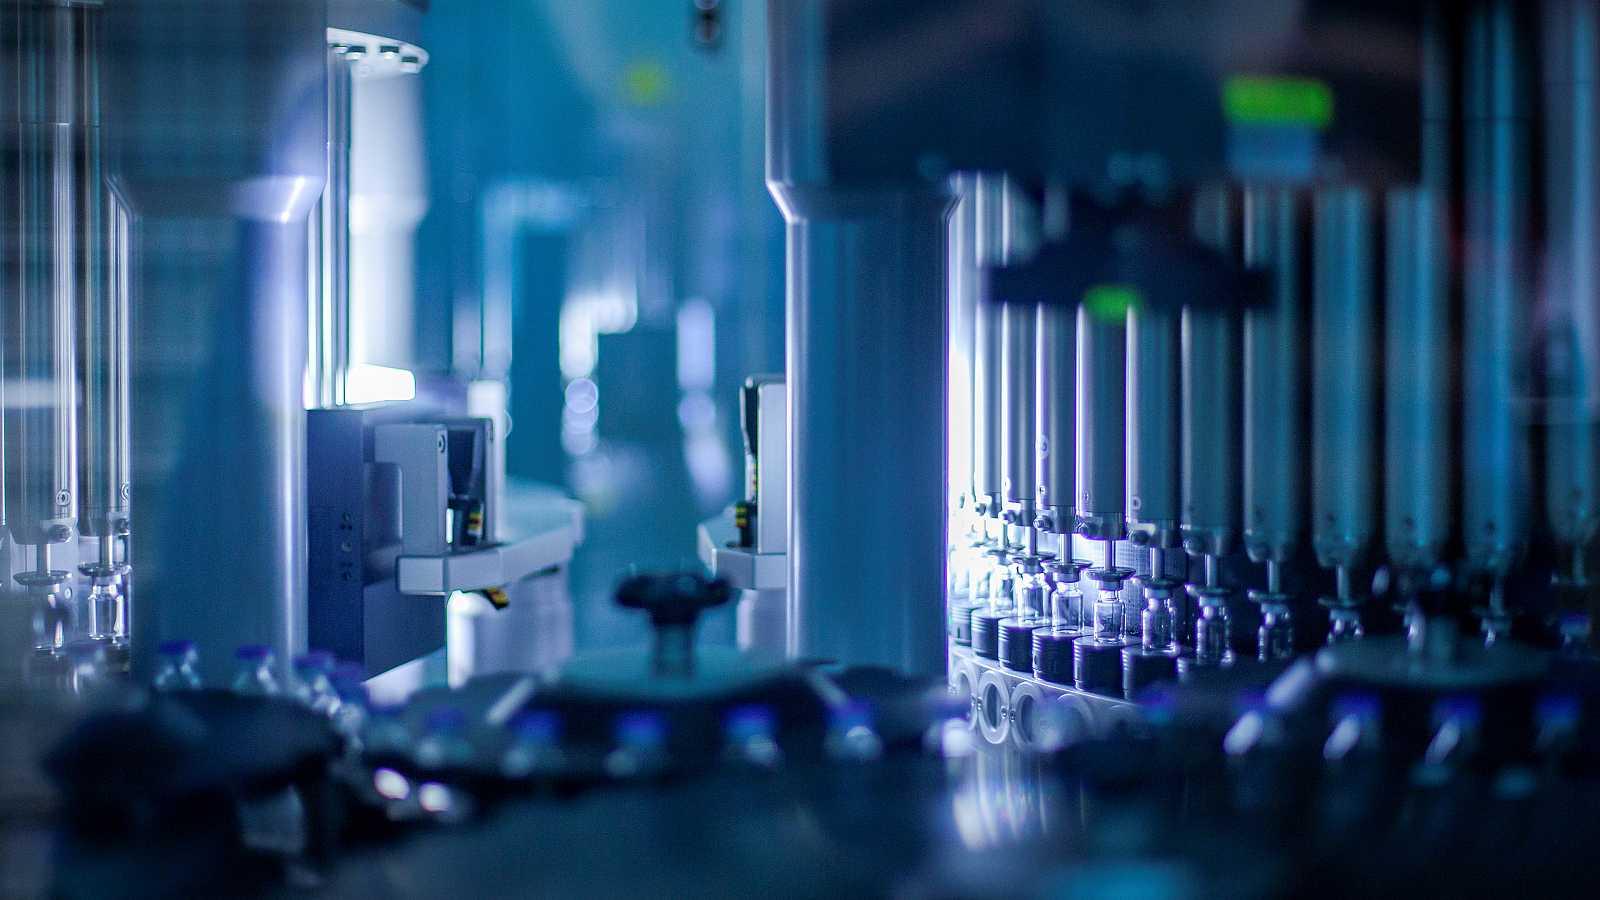 Coronavirus -La vacuna de Pfizer y BioNTech completa los ensayos clínicos  con un 95% de efectividad